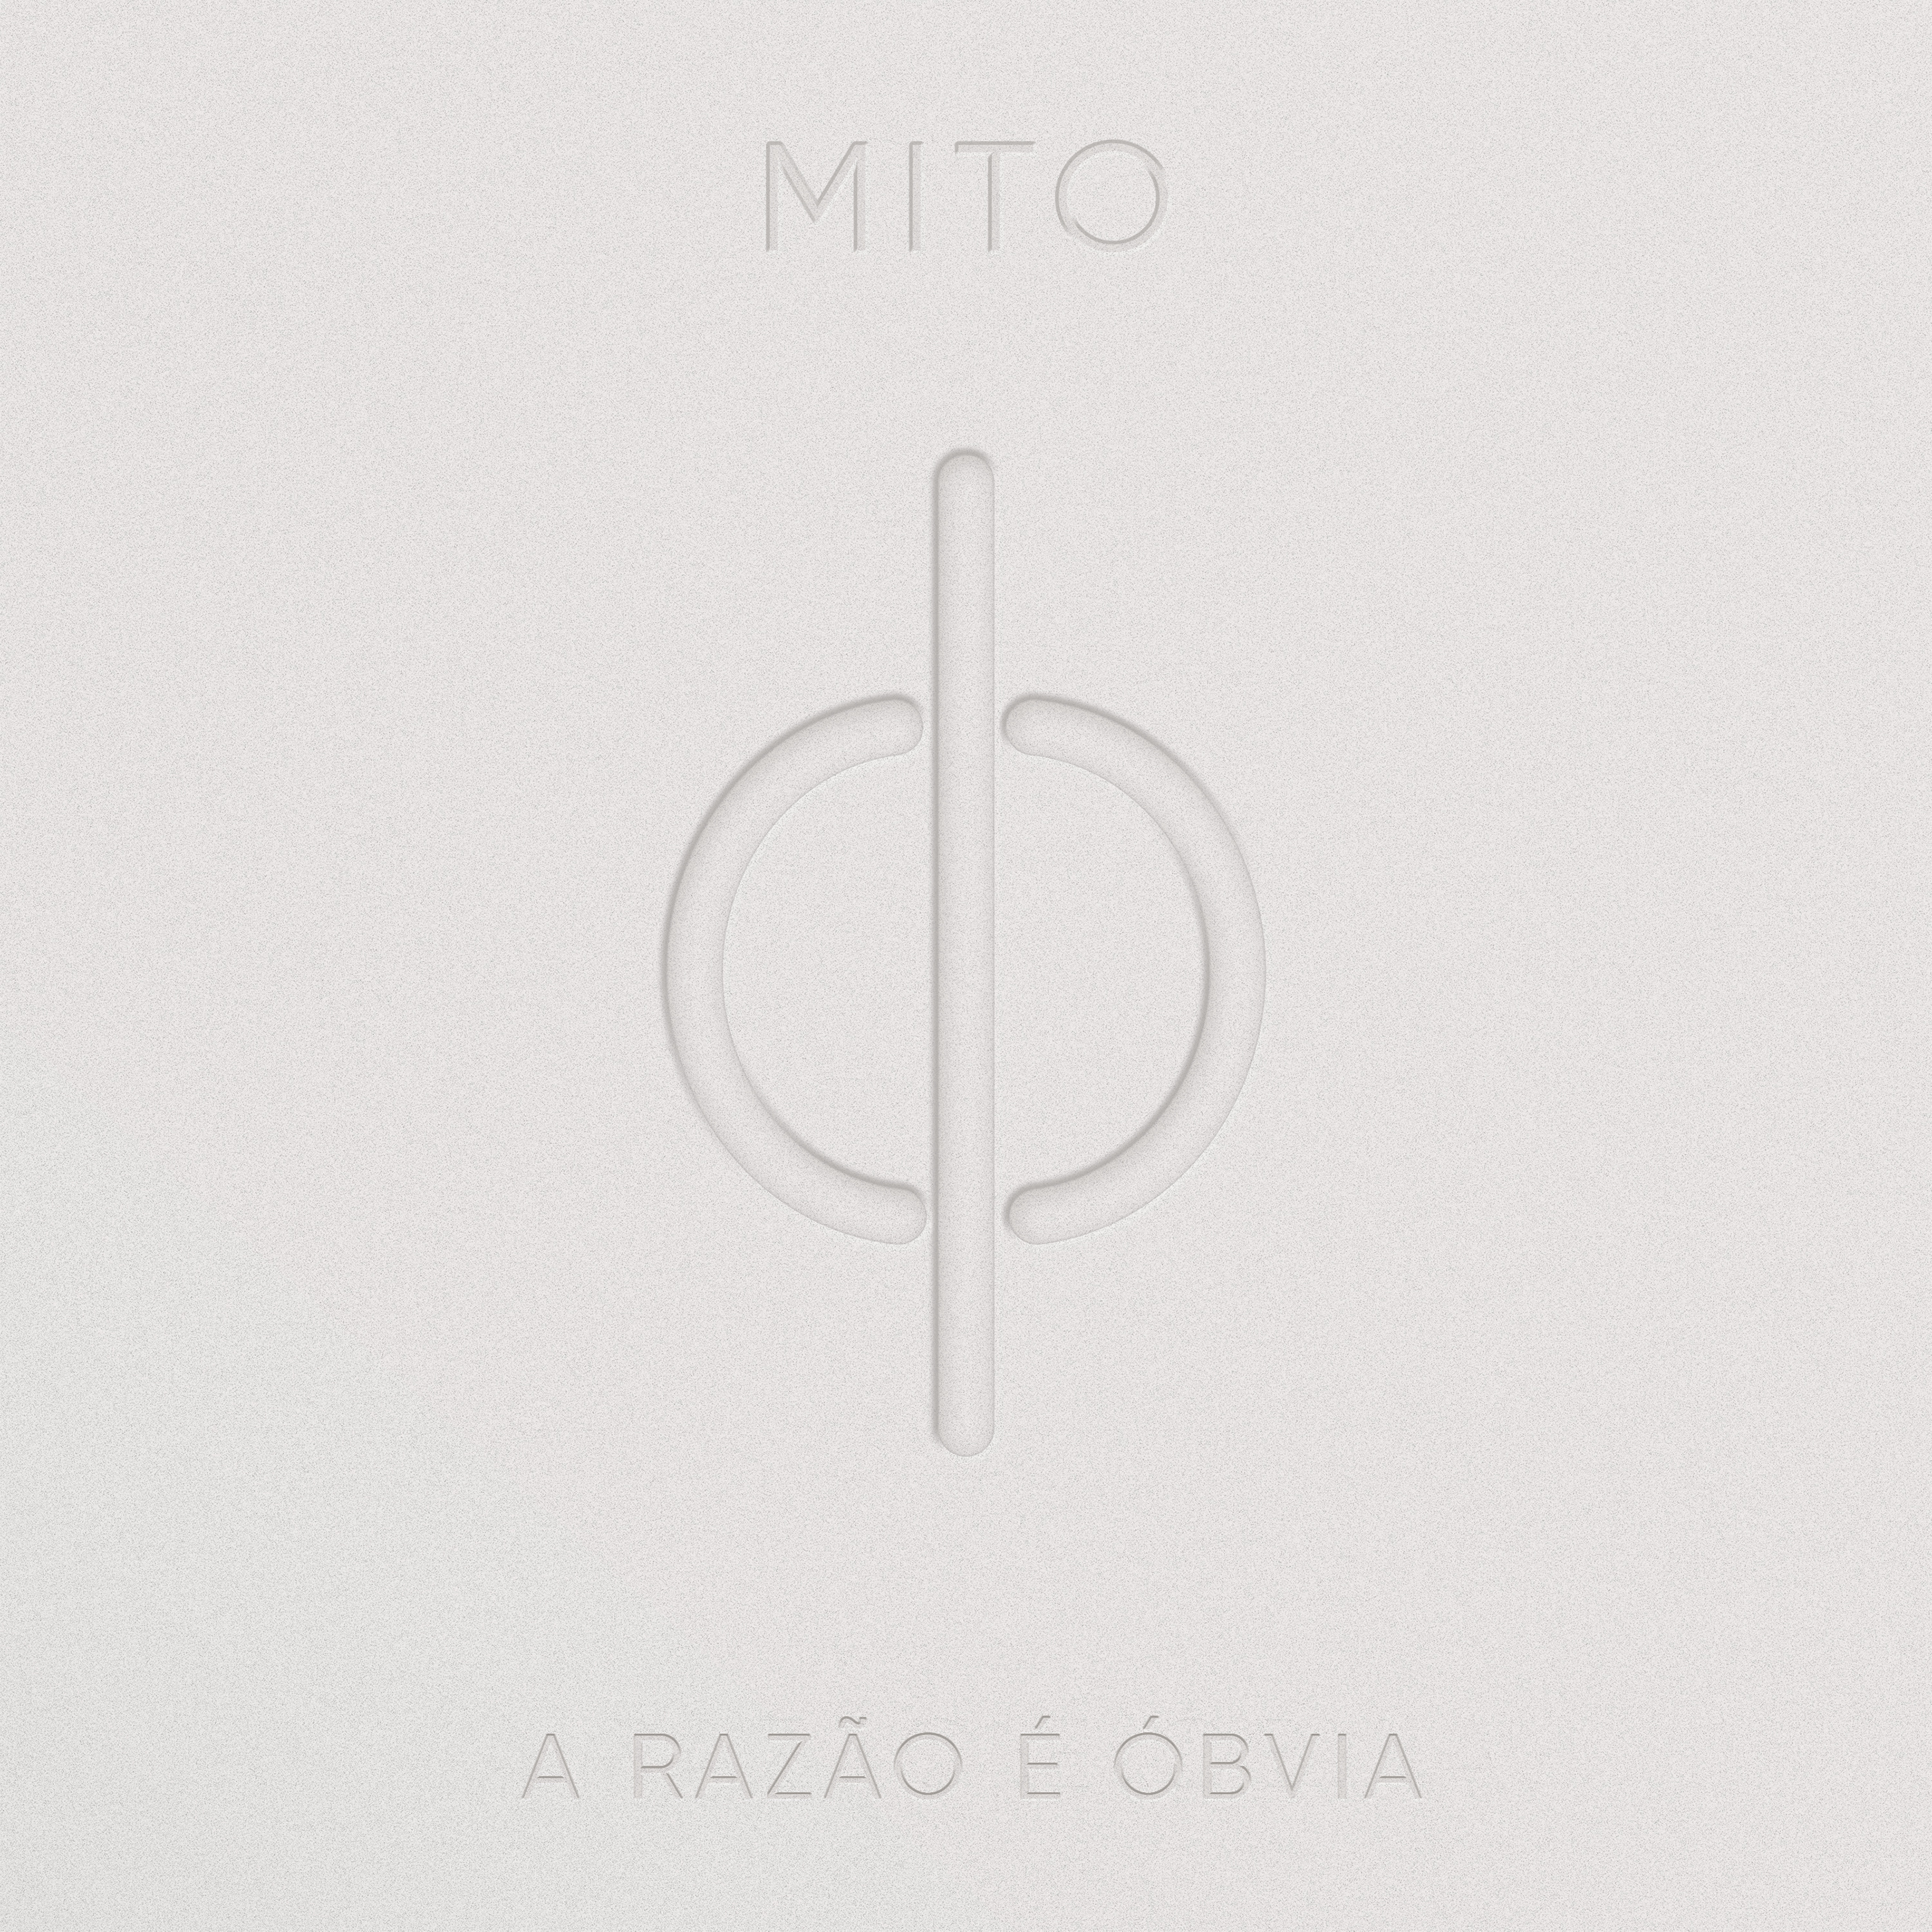 """MITO estreiam-se com """"A Razão é Óbvia"""""""